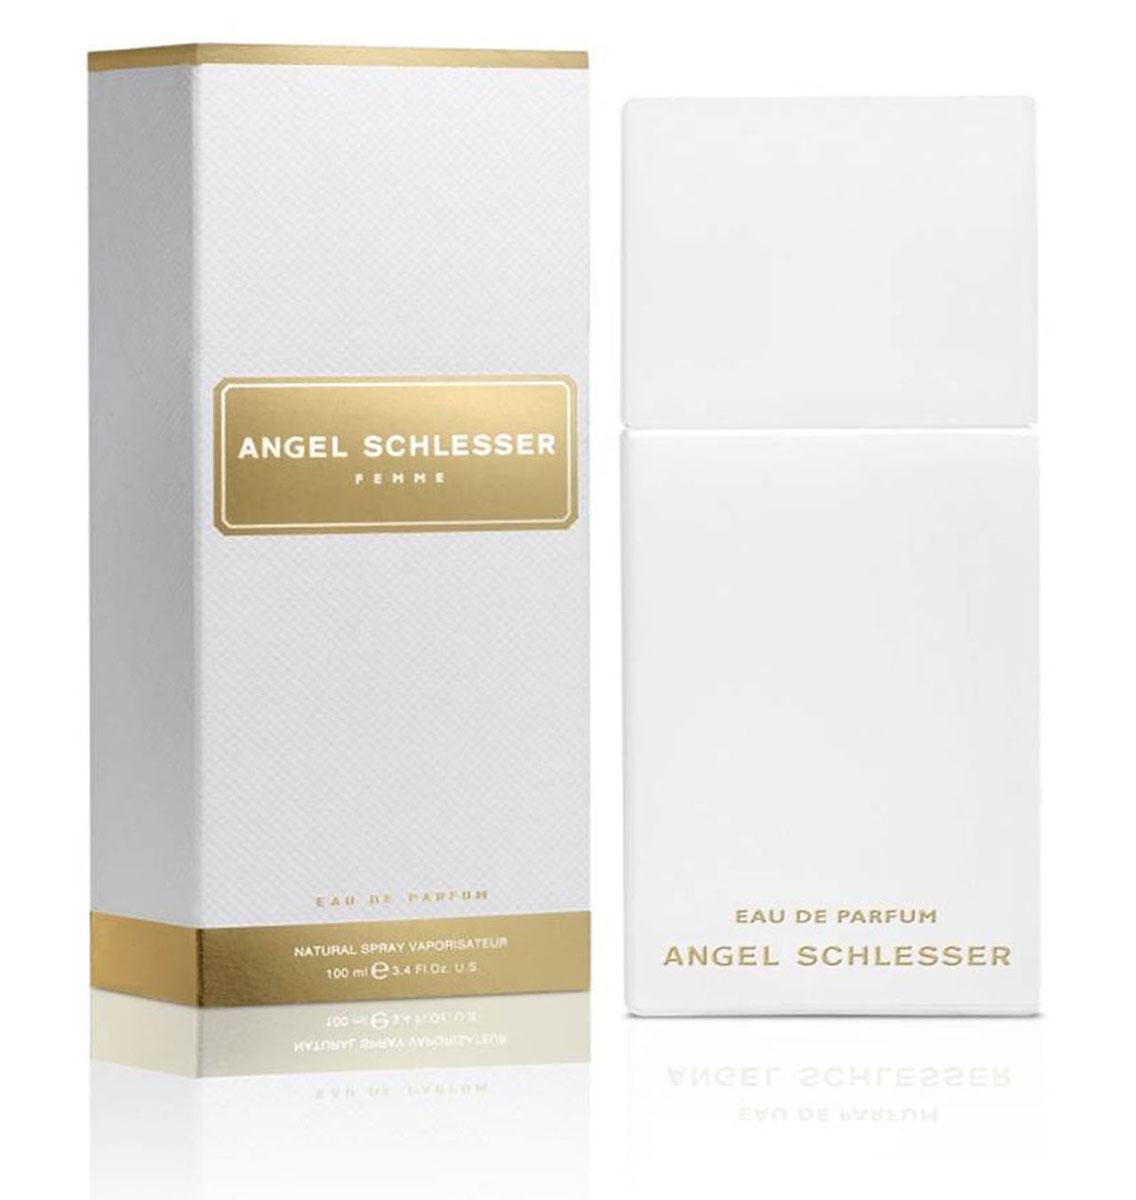 Angel Schlesser Femme Парфюмерная вода, женская, 30 мл49197Новая Парфюмированная вода ANGEL SCHLESSER FEMME основана на оригинальной парфюмерной композиции. Она передает тот же свежий, прозрачный аромат, становясь при этом более чувственной и теплой. Аромат контрастов, где свежесть и теплота чередуются с красотой и элегантностью, соблазнительное очарование женщины передает интенсивная композиция, полная женственной чувственности. Женщина ANGEL SCHLESSER FEMME обладает естественной элегантностью и внутренней красотой. Ей не нужны вычурные аксессуары для привлечения внимания. Все что ей нужно – быть настоящей, быть собой. А ее аромат – это часть ее индивидуальности. Парфюмированная вода ANGEL SCHLESSER FEMME делает акцент на ее обольстительной природе и придает ей больше притягательности, чувственности и теплоты.СТРУКТУРА АРОМАТАВерхние ноты: Мандарин, Португальский черный перец, Бергамот.Начальные ноты представляют собой искрящуюся свежесть бергамота и мандарина, которая вступает в контраст с пикантной теплотой перца.Сердечные ноты: Фиалка, Лепестки жасмина, Имбирь.Цветочные сердечные ноты женственны и жизнерадостны. Они представлены лепестками жасмина и таинственной нежностью фиалки. Экзотический имбирь завершает эту гармоничную композицию. Базовые ноты: Амбра, Бобы тонка, Светлая древесина, Белый мускус.Отражают чувственный и насыщенный характер аромата. Бобы тонка, мускус и амбра придают соблазнительный оттенок и женственное очарование композиции.